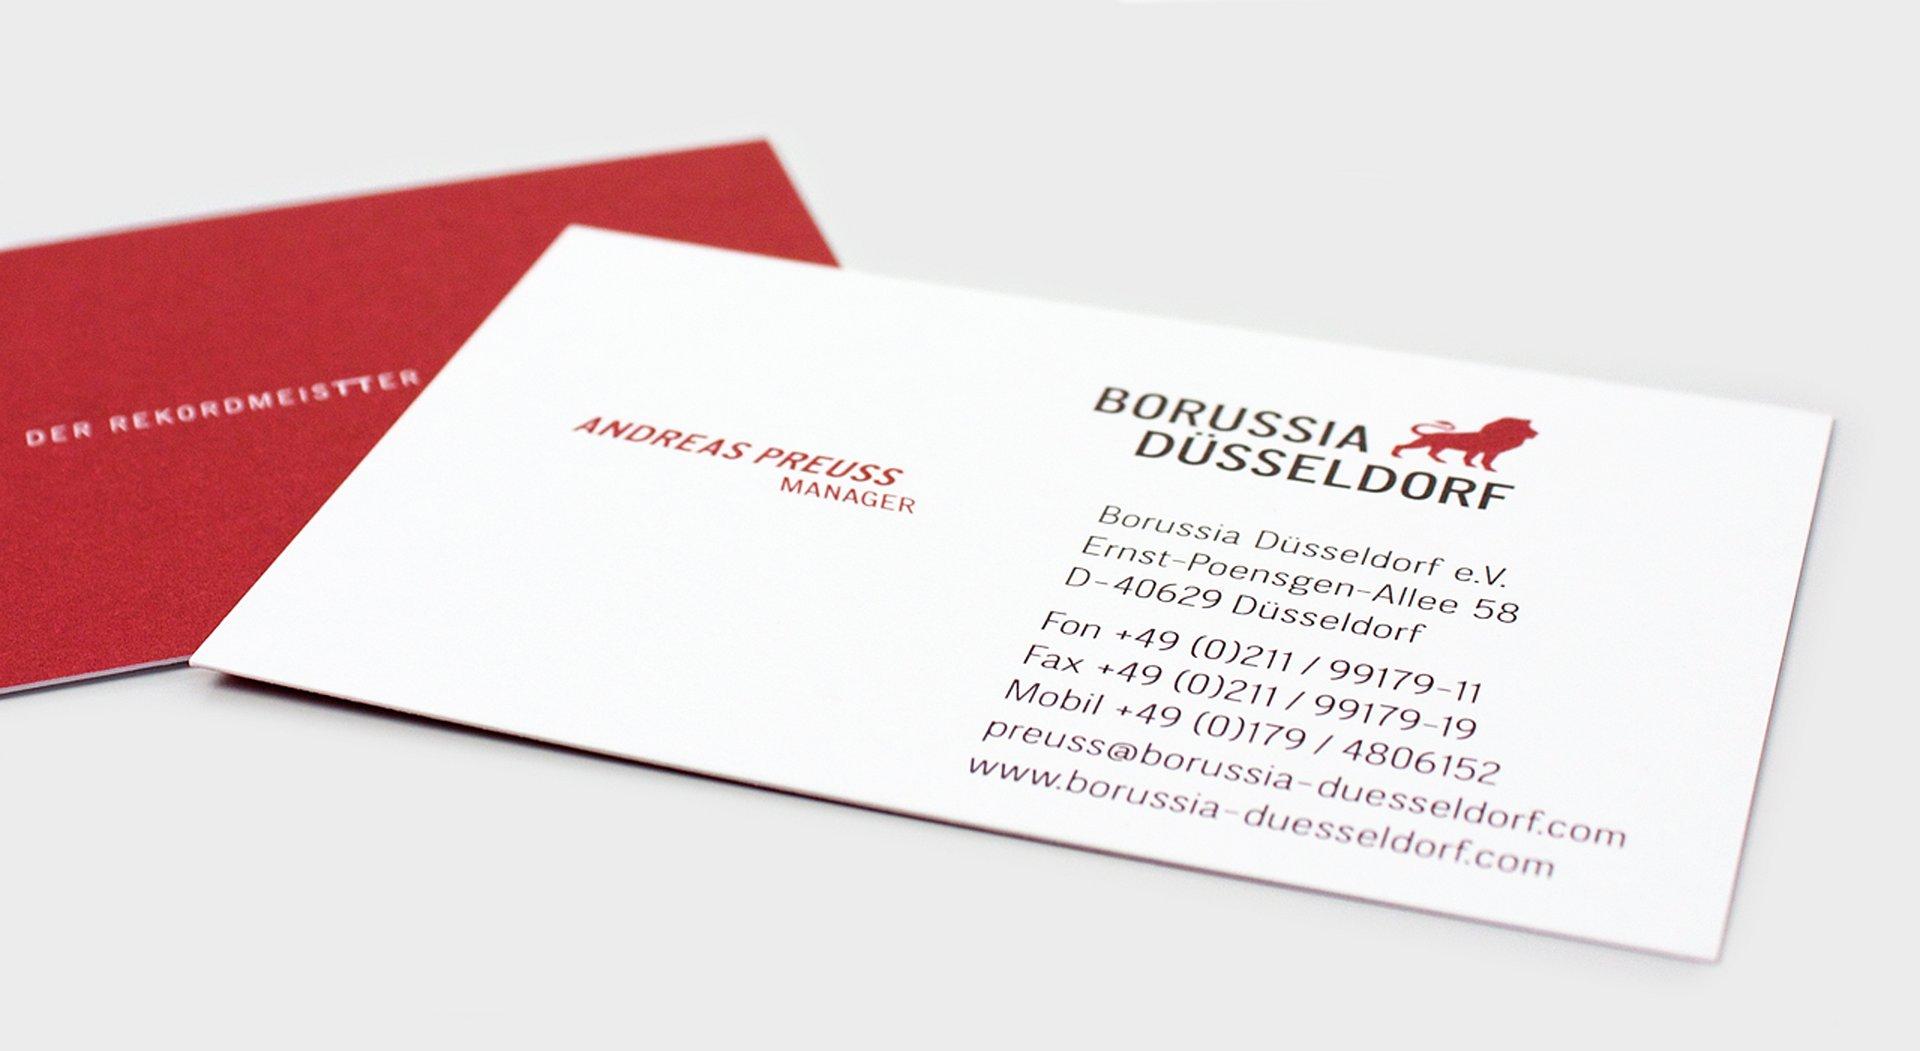 Borussia Düsseldorf Facebook